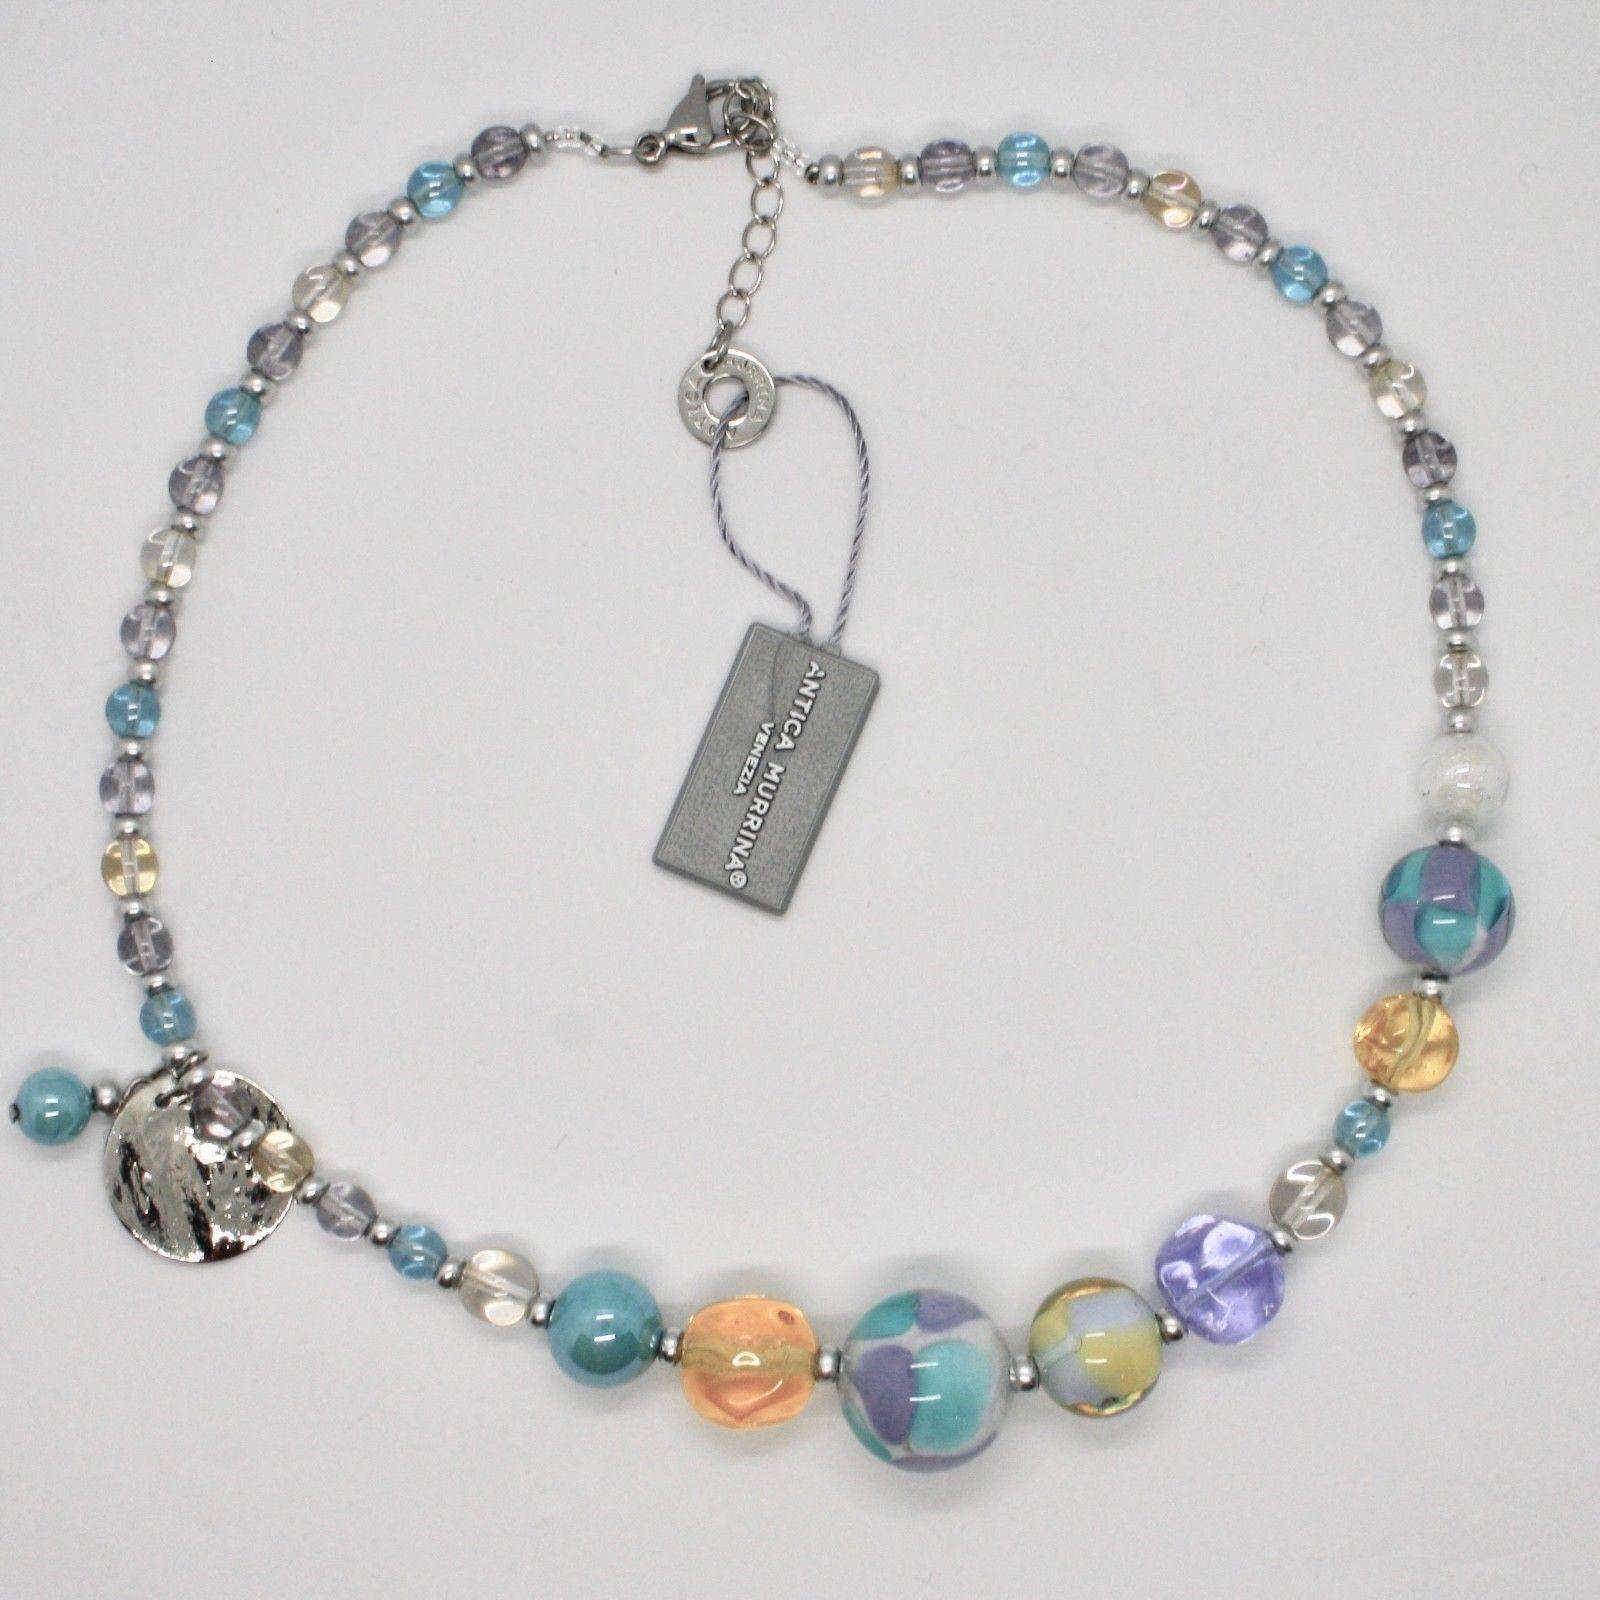 ANTICA MURRINA VENEZIA NECKLACE WITH MURANO GLASS SILVER BLUE YELLOW COA84A07